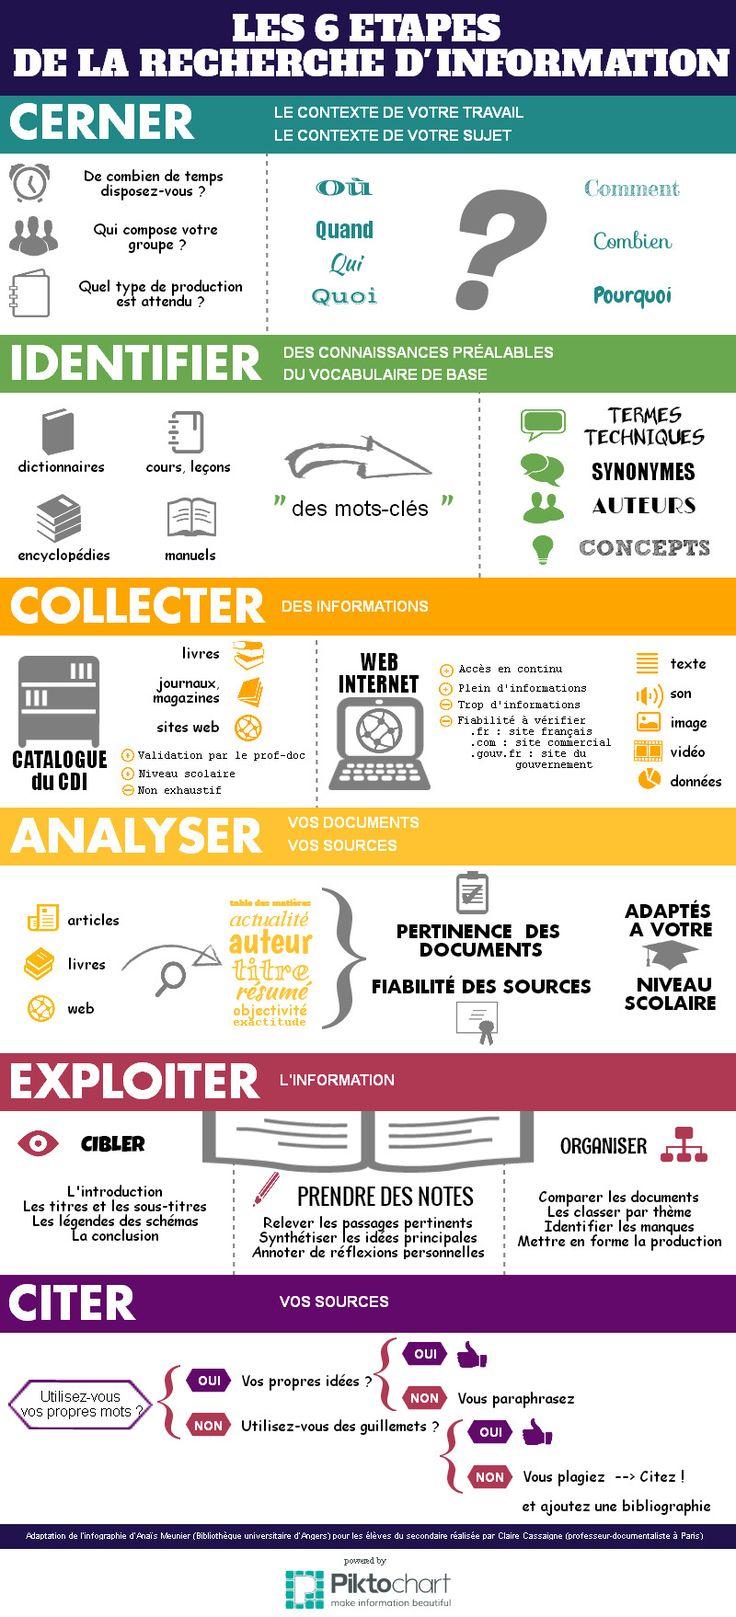 Etapes de la recherche d'information   Piktochart Infographic Editor